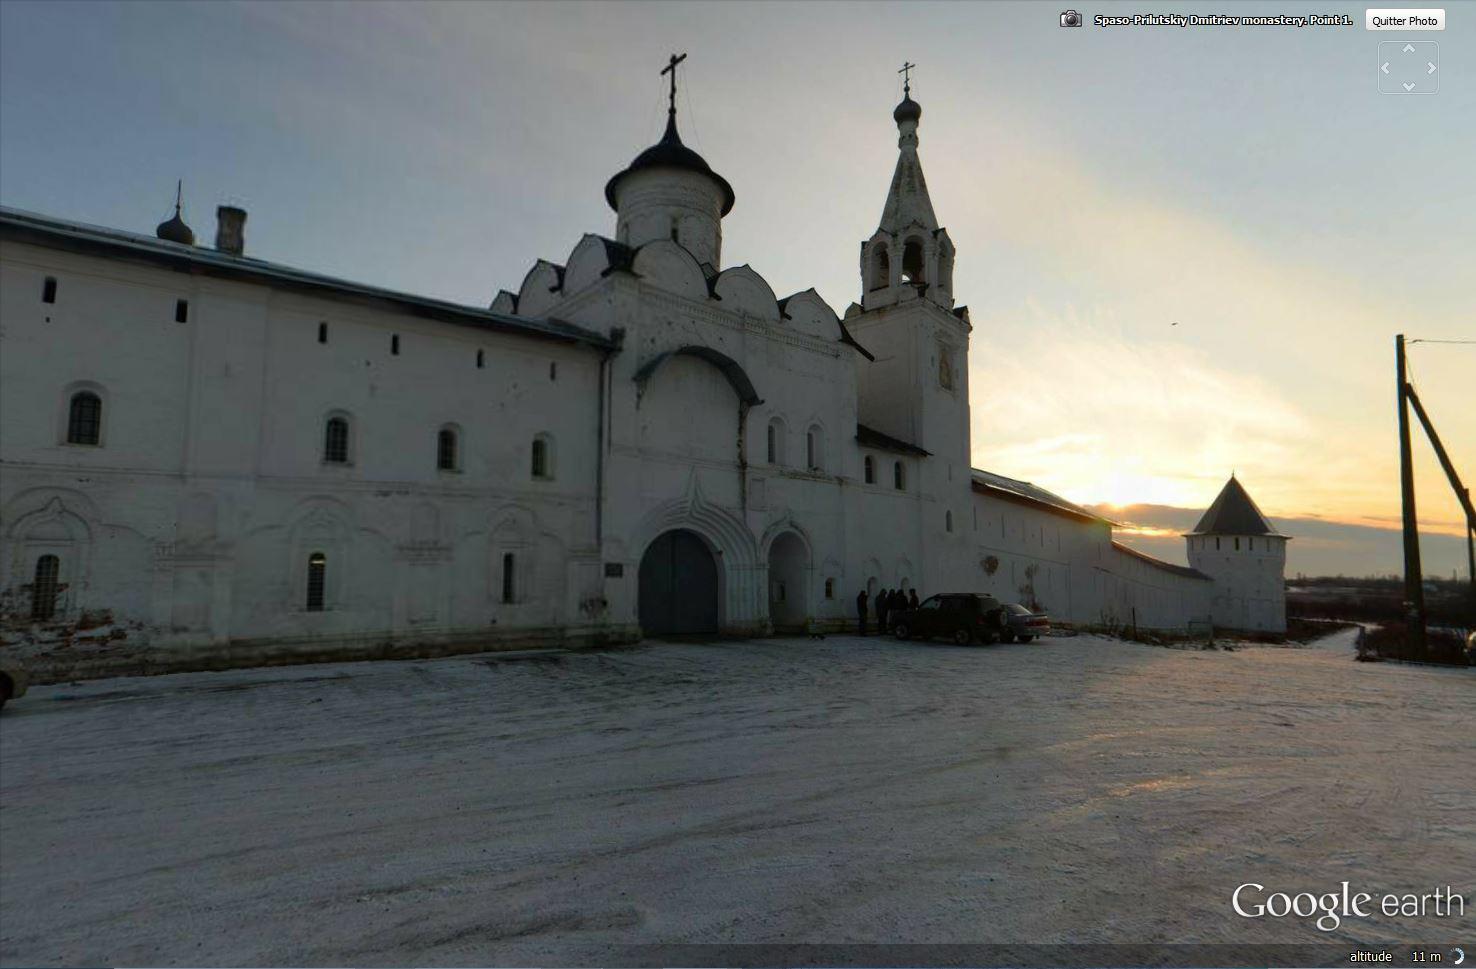 Monastère Spasso-Priloutsky à Vologda, Oblast de Vologda en Russie. Tsge_094